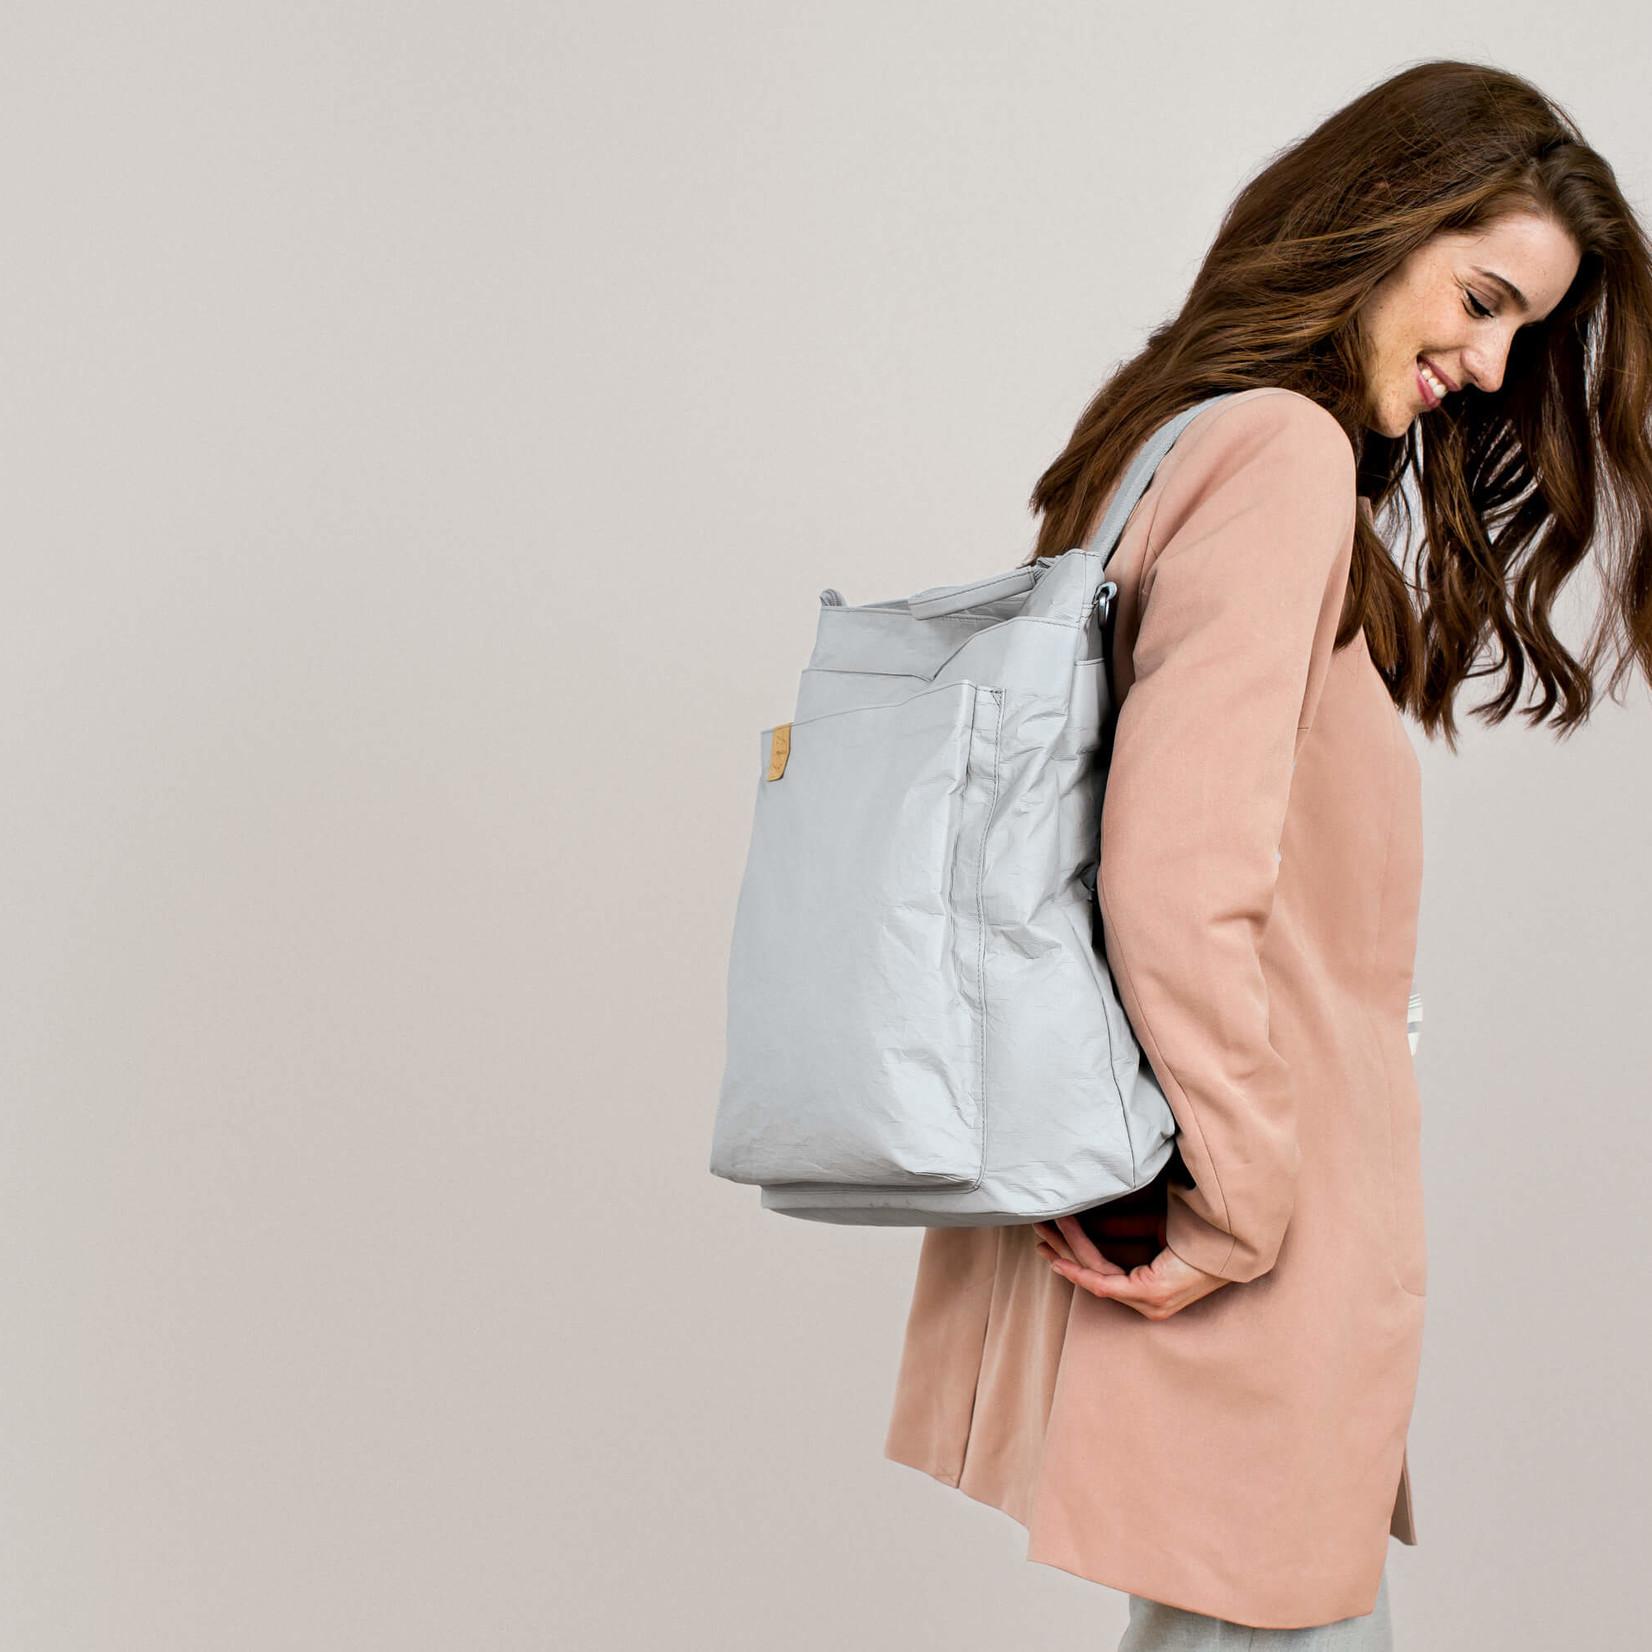 Lässig Fashion Praktischer Wickeltaschen-Rucksack in Grau